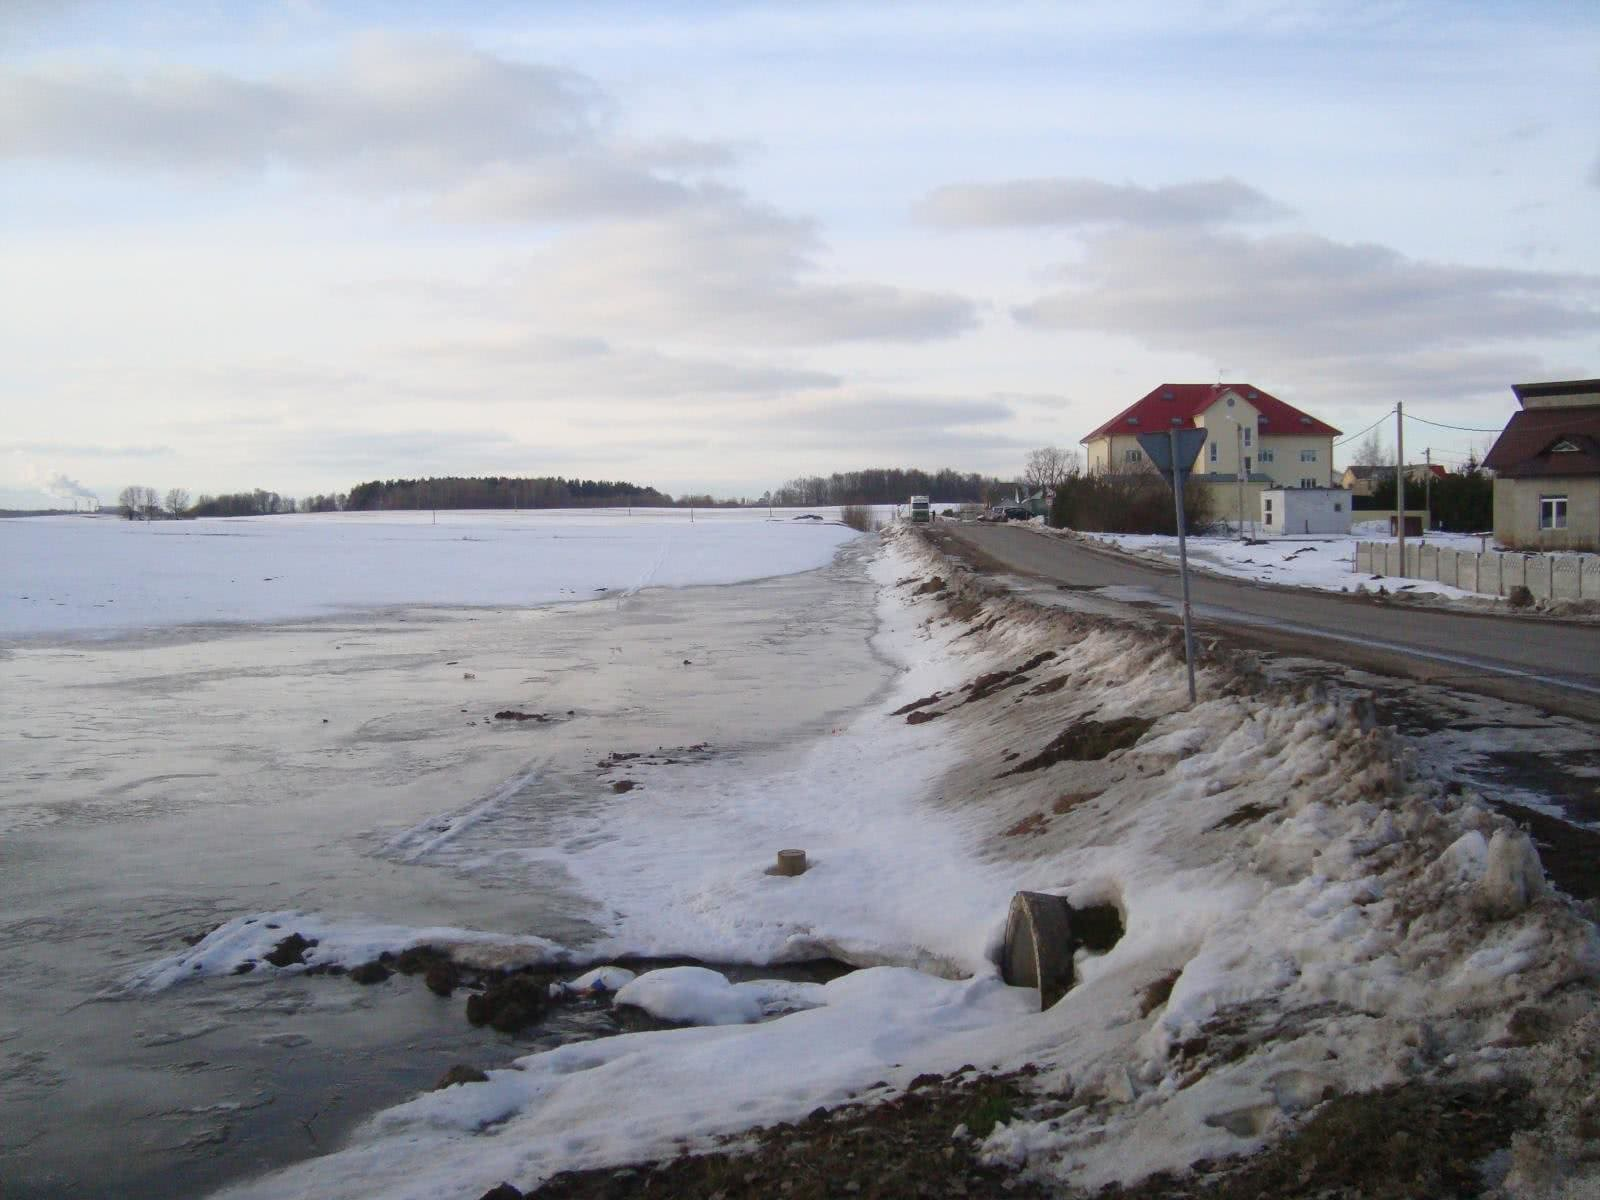 Купить земельный участок, 22 соток, Сеница, Минская область - фото 1